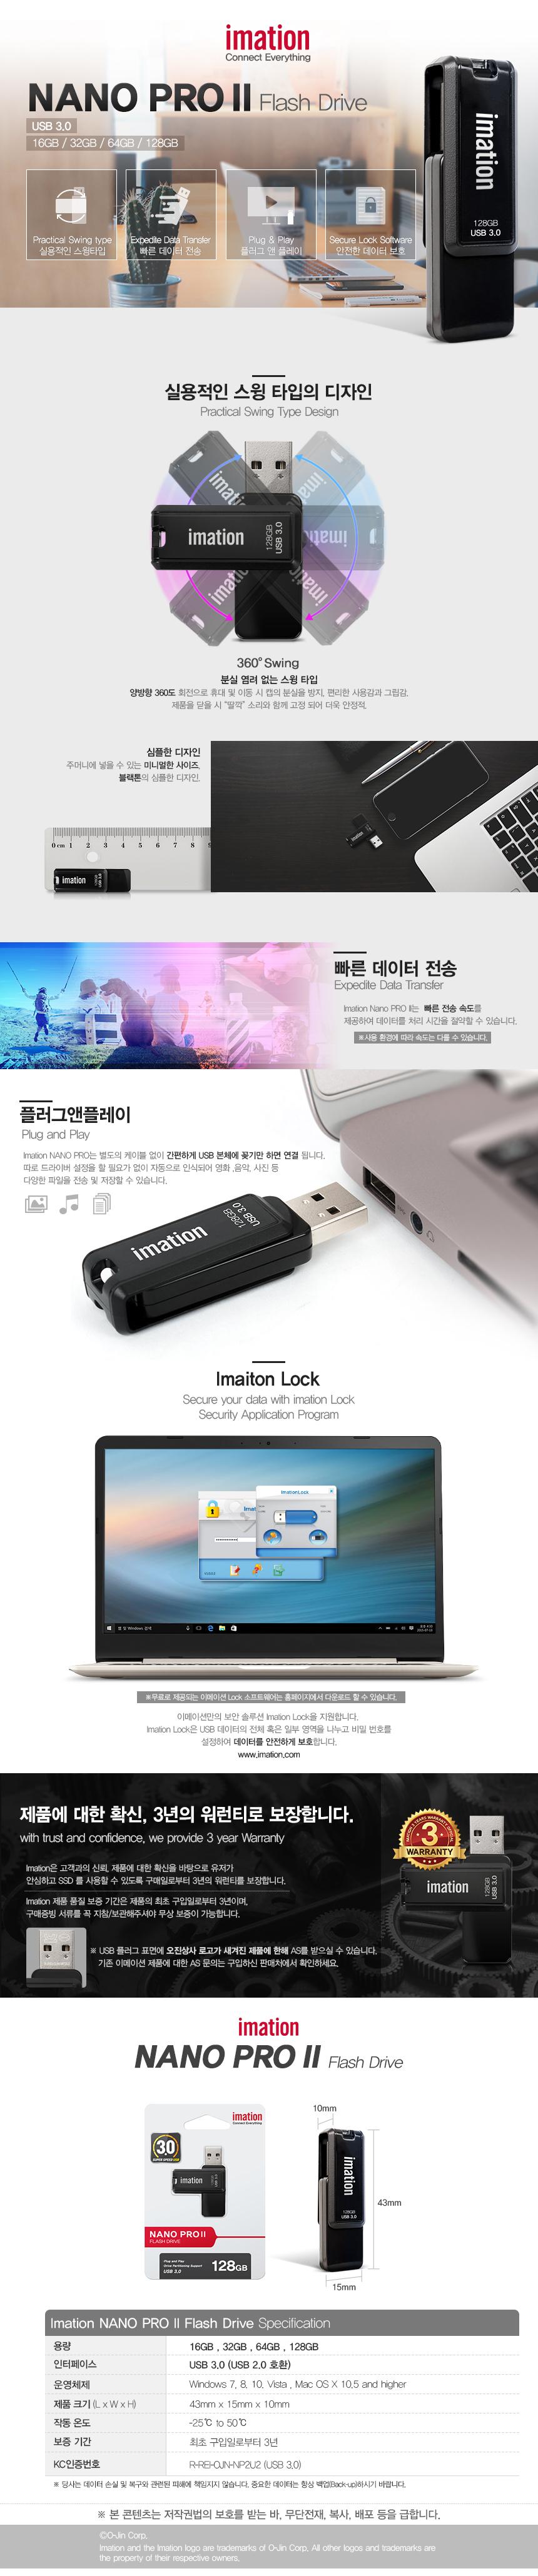 이메이션 NANO PRO II USB3.0 (64GB)